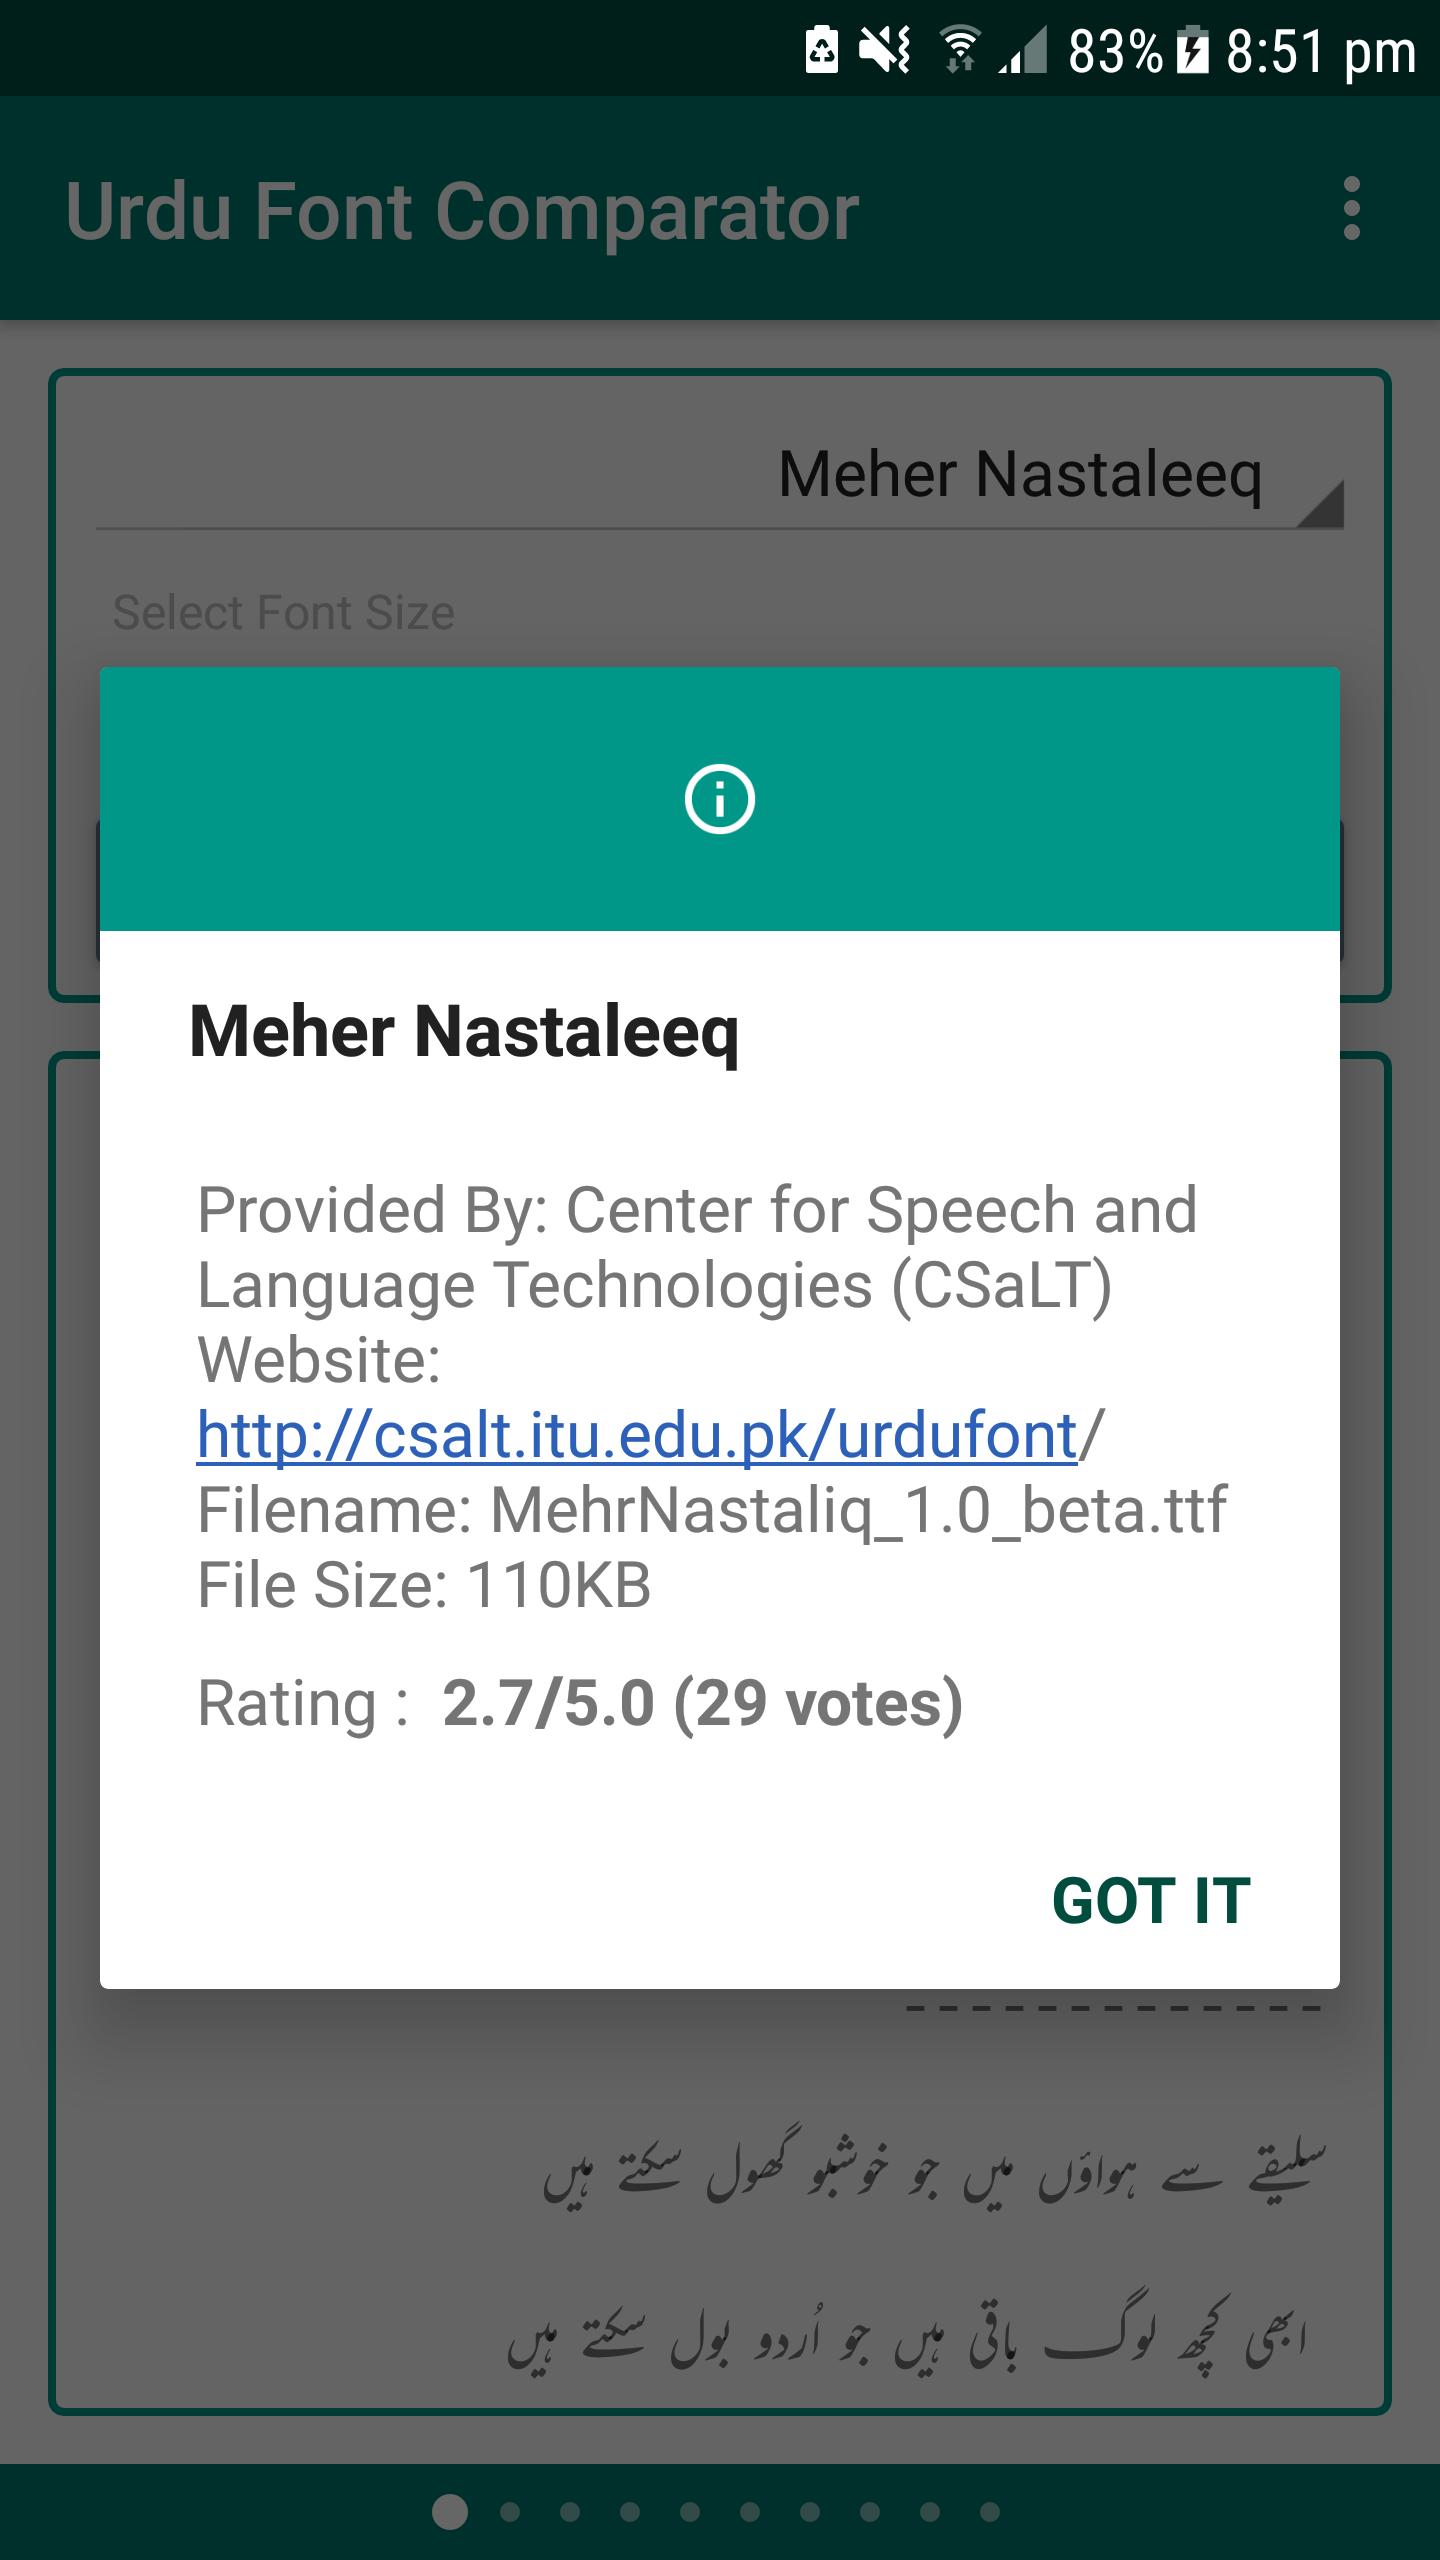 GitHub - wahibhaq/urdu-font-comparator-app: App for visually